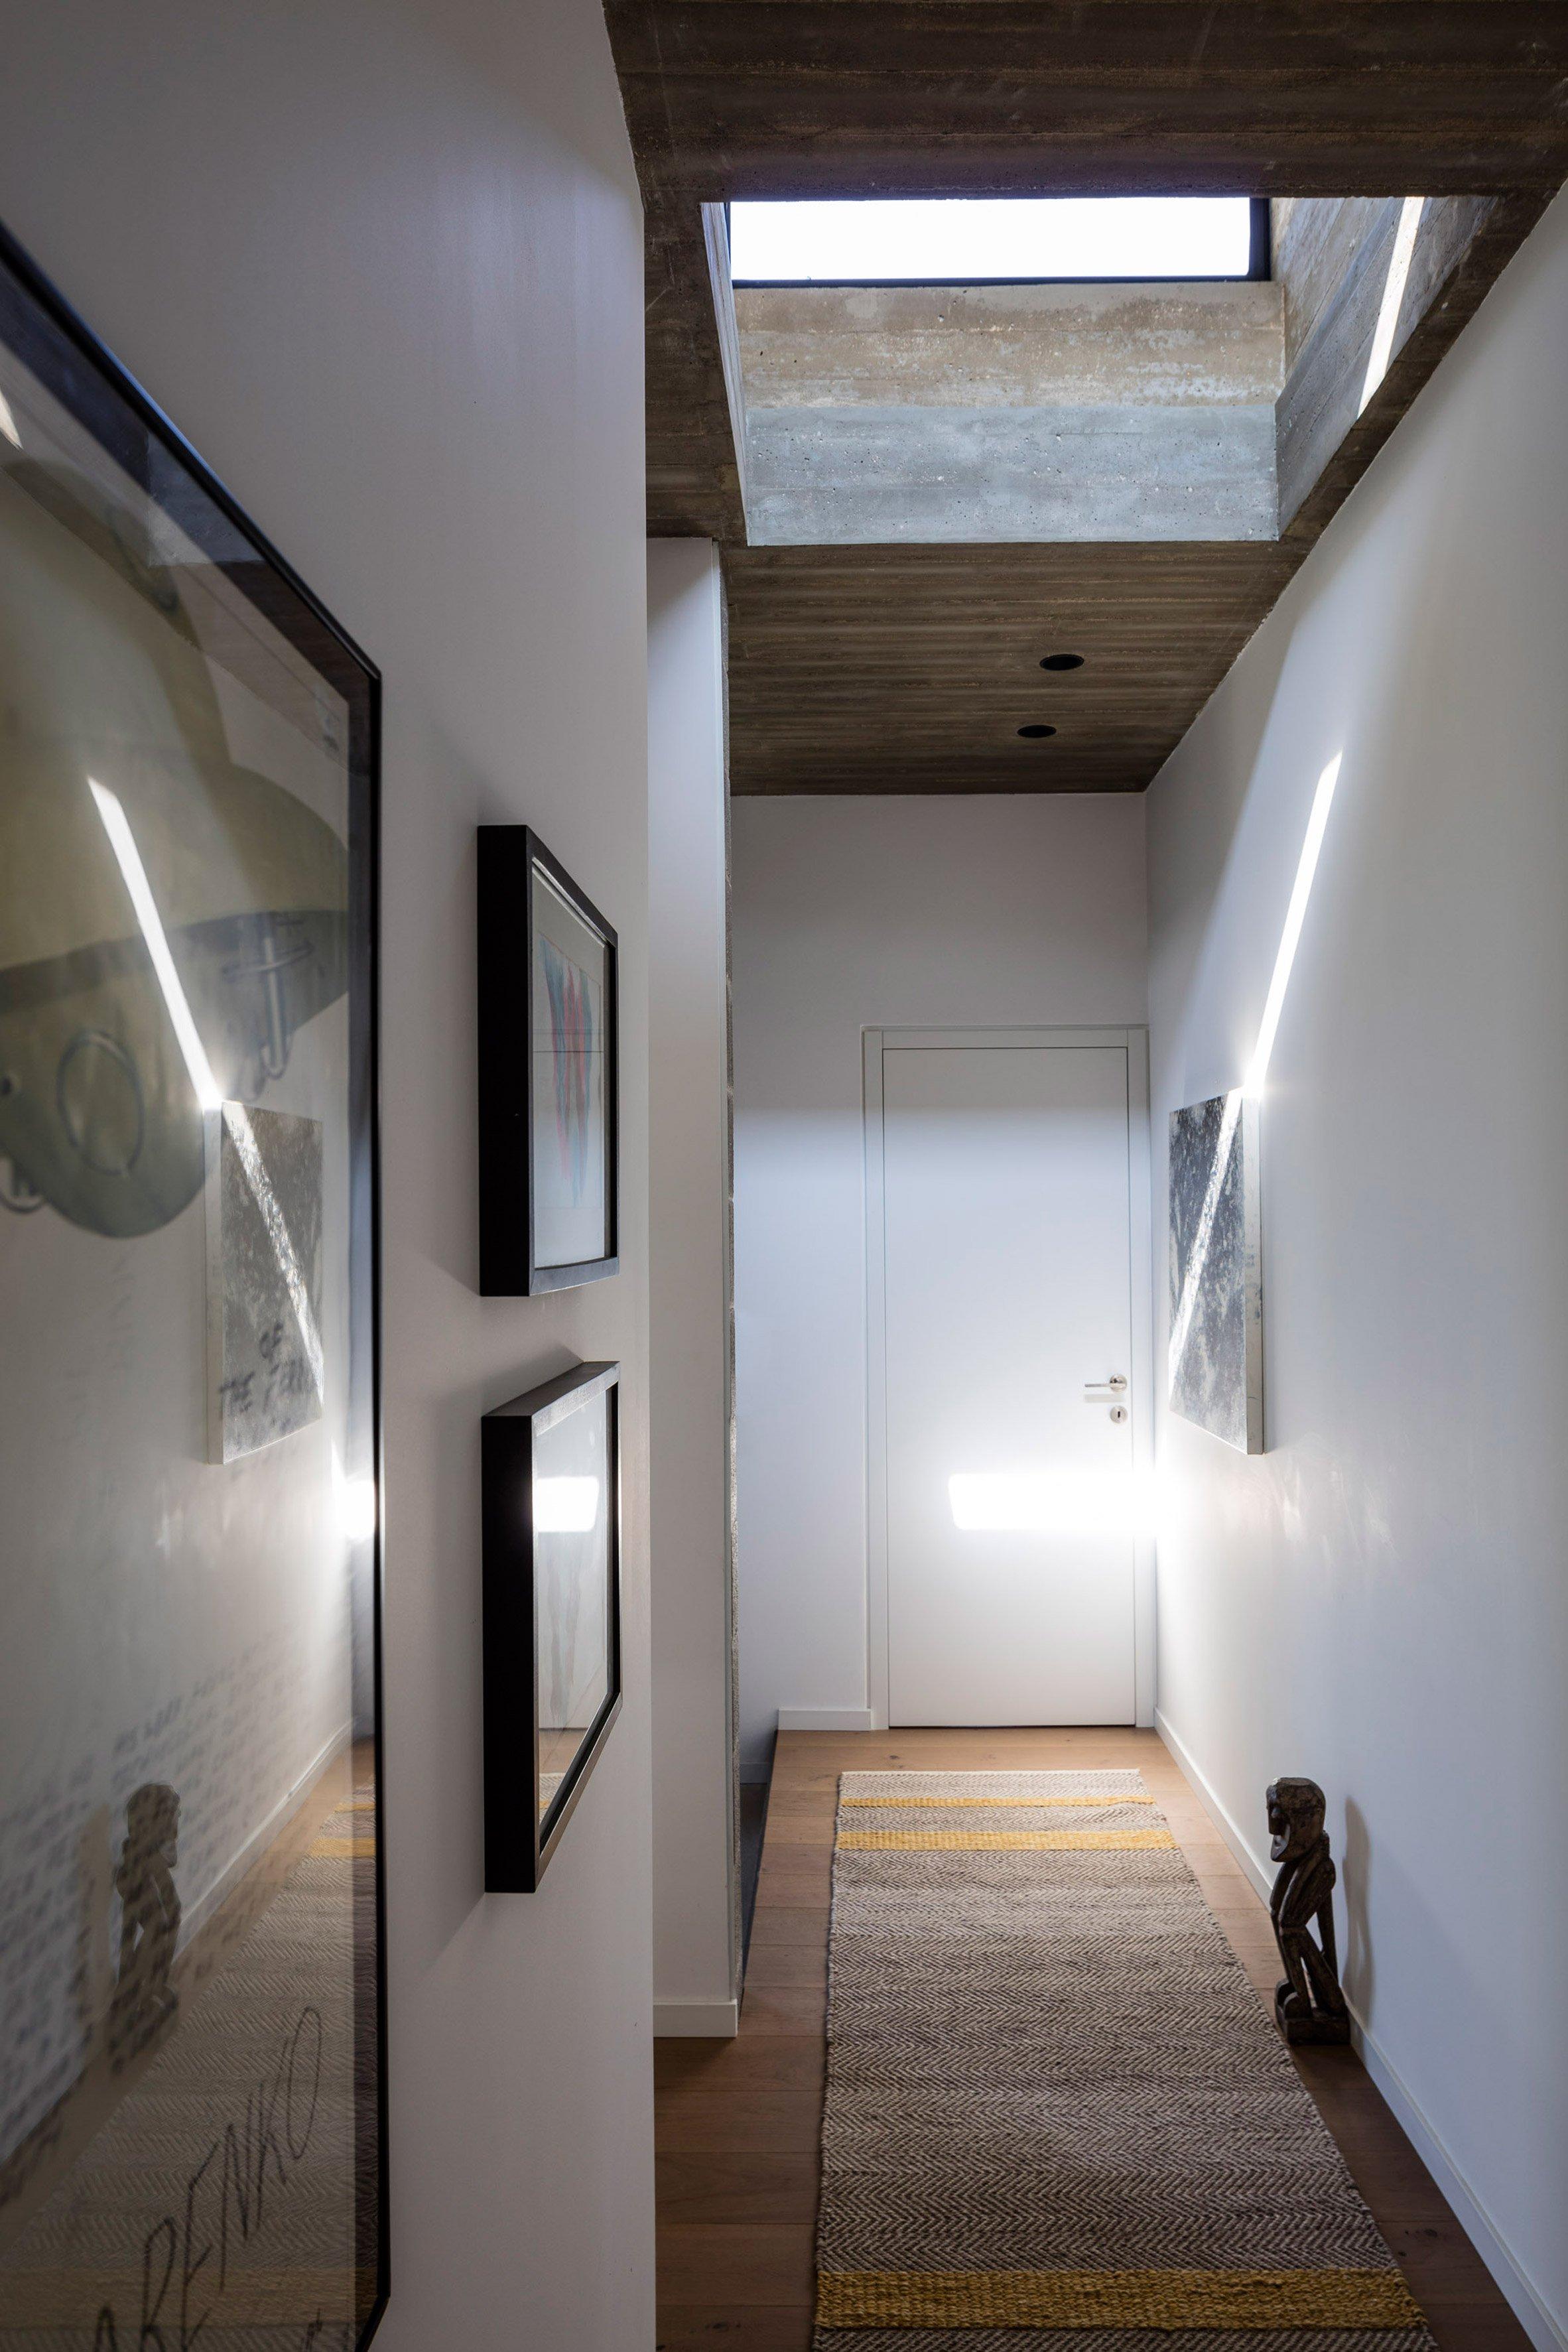 nha dep nuoc ngoai bare house 4 - Bare House – Ngôi nhà mang lại những thoáng nhìn lên bầu trời và những ngọn cây